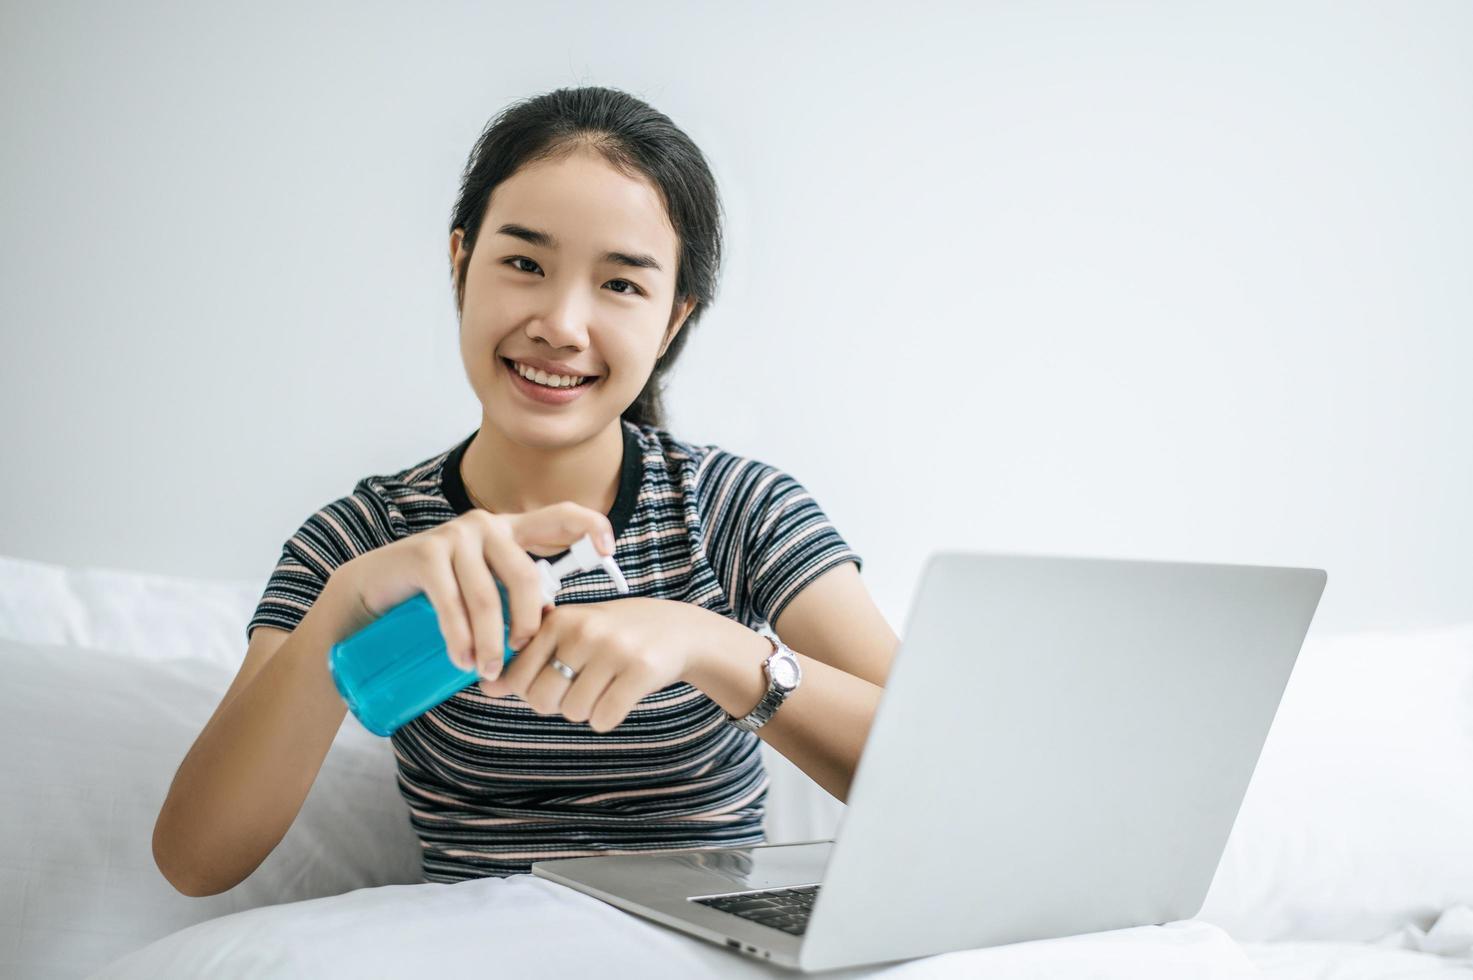 mujer joven con gel para lavarse las manos foto